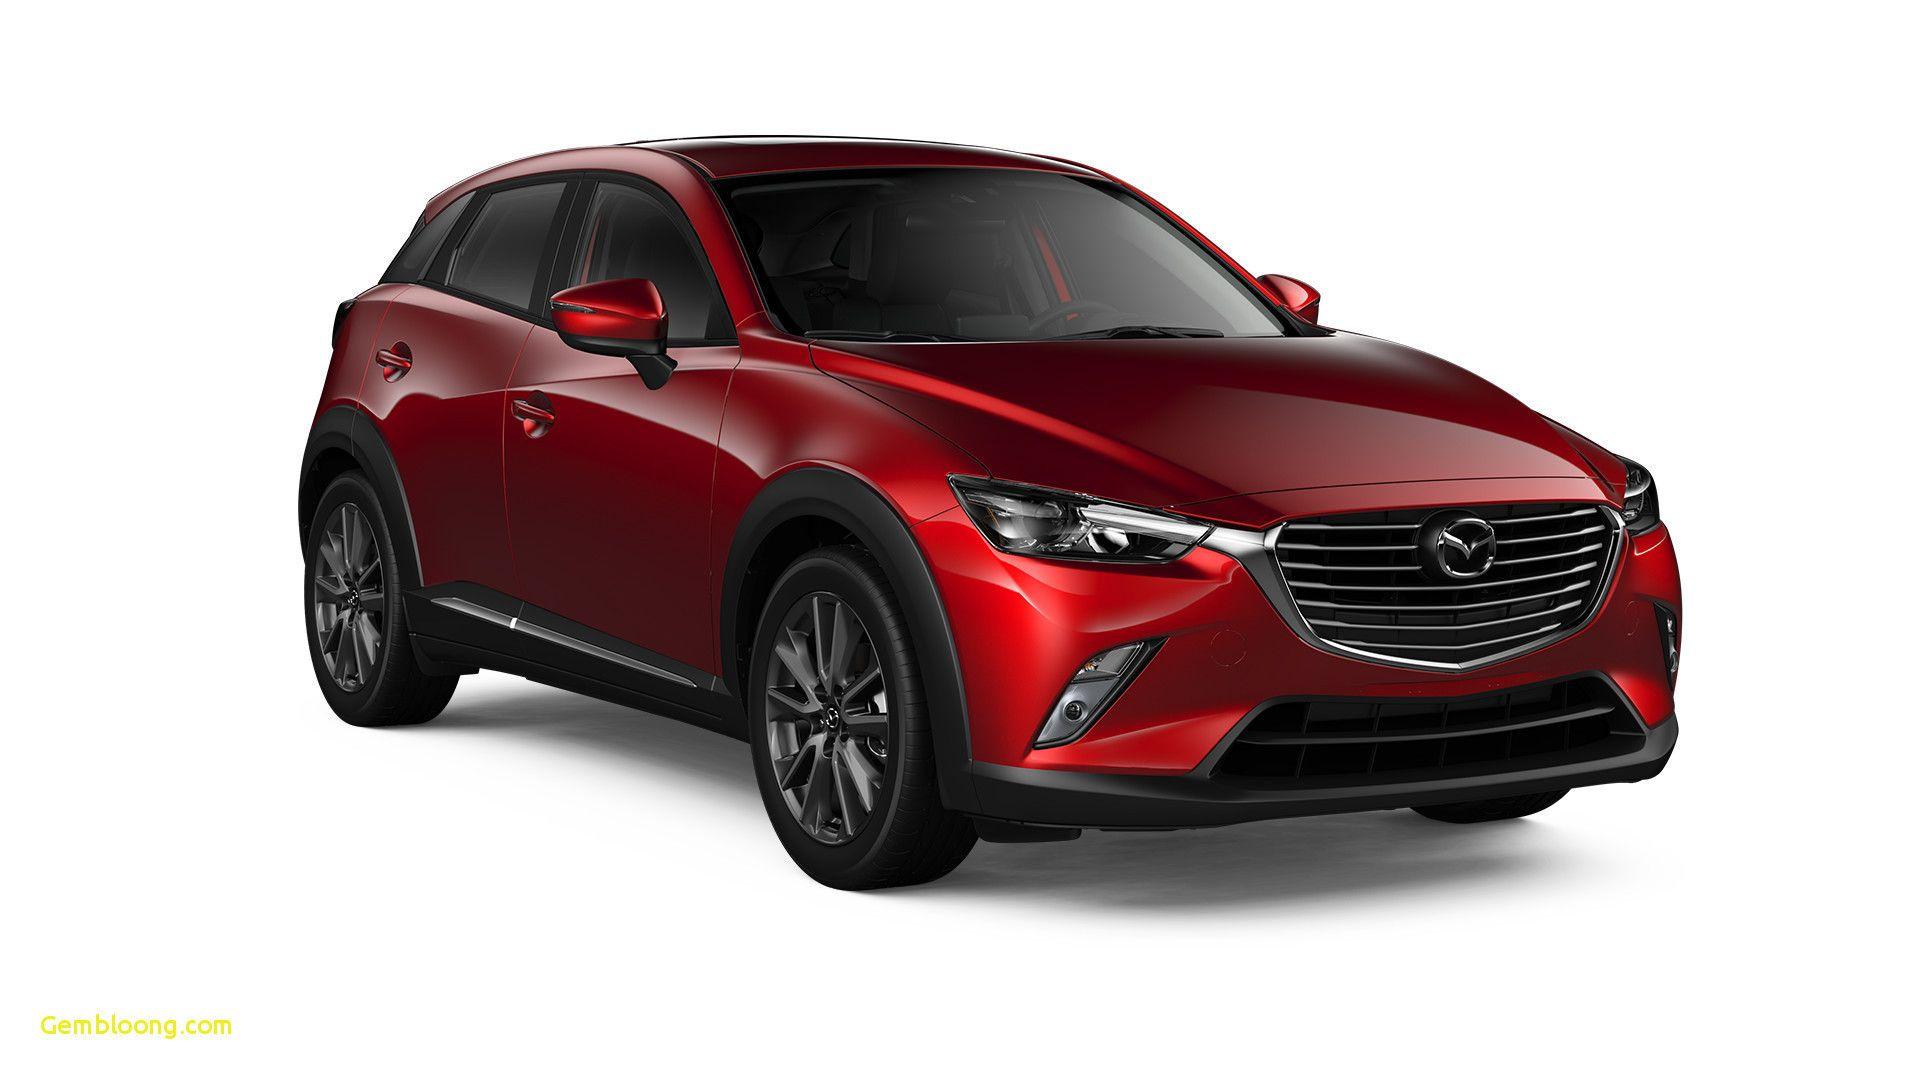 2020 Mazda Cx 5 2019 Mazda Cx 5 Luxury Cars Hot 2019 Mazda